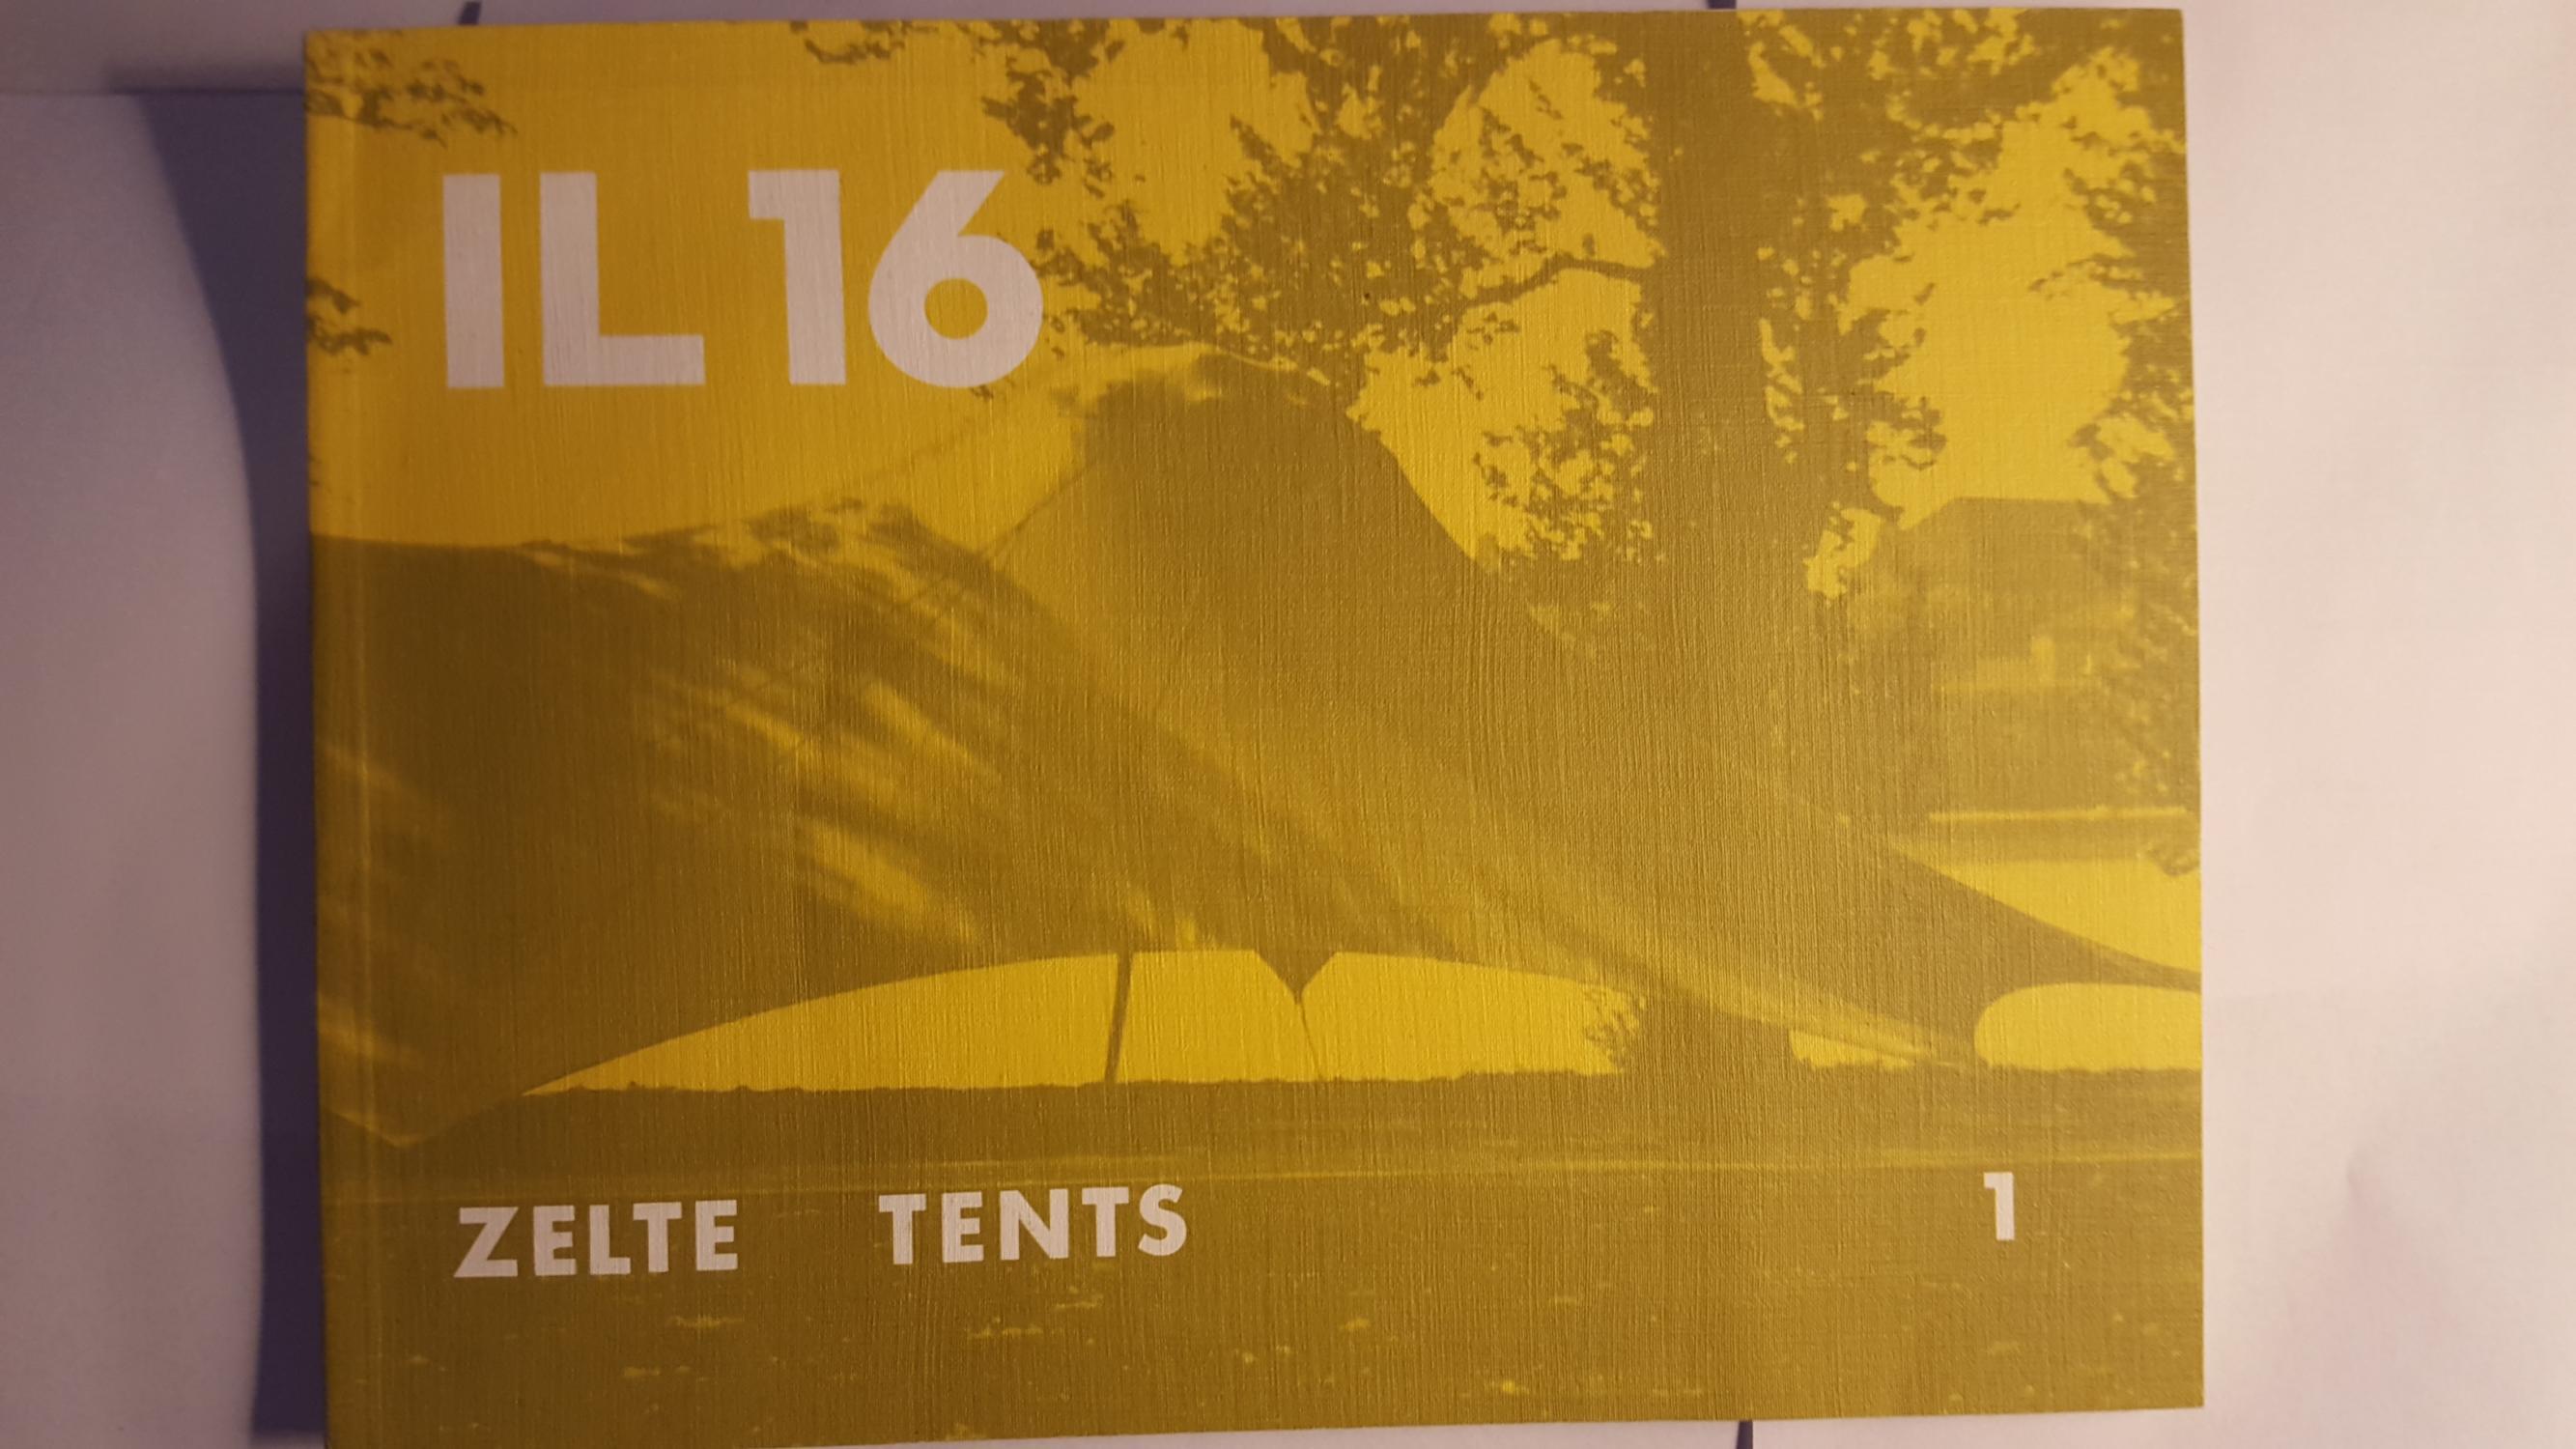 Tents [Dec 01, 1985]